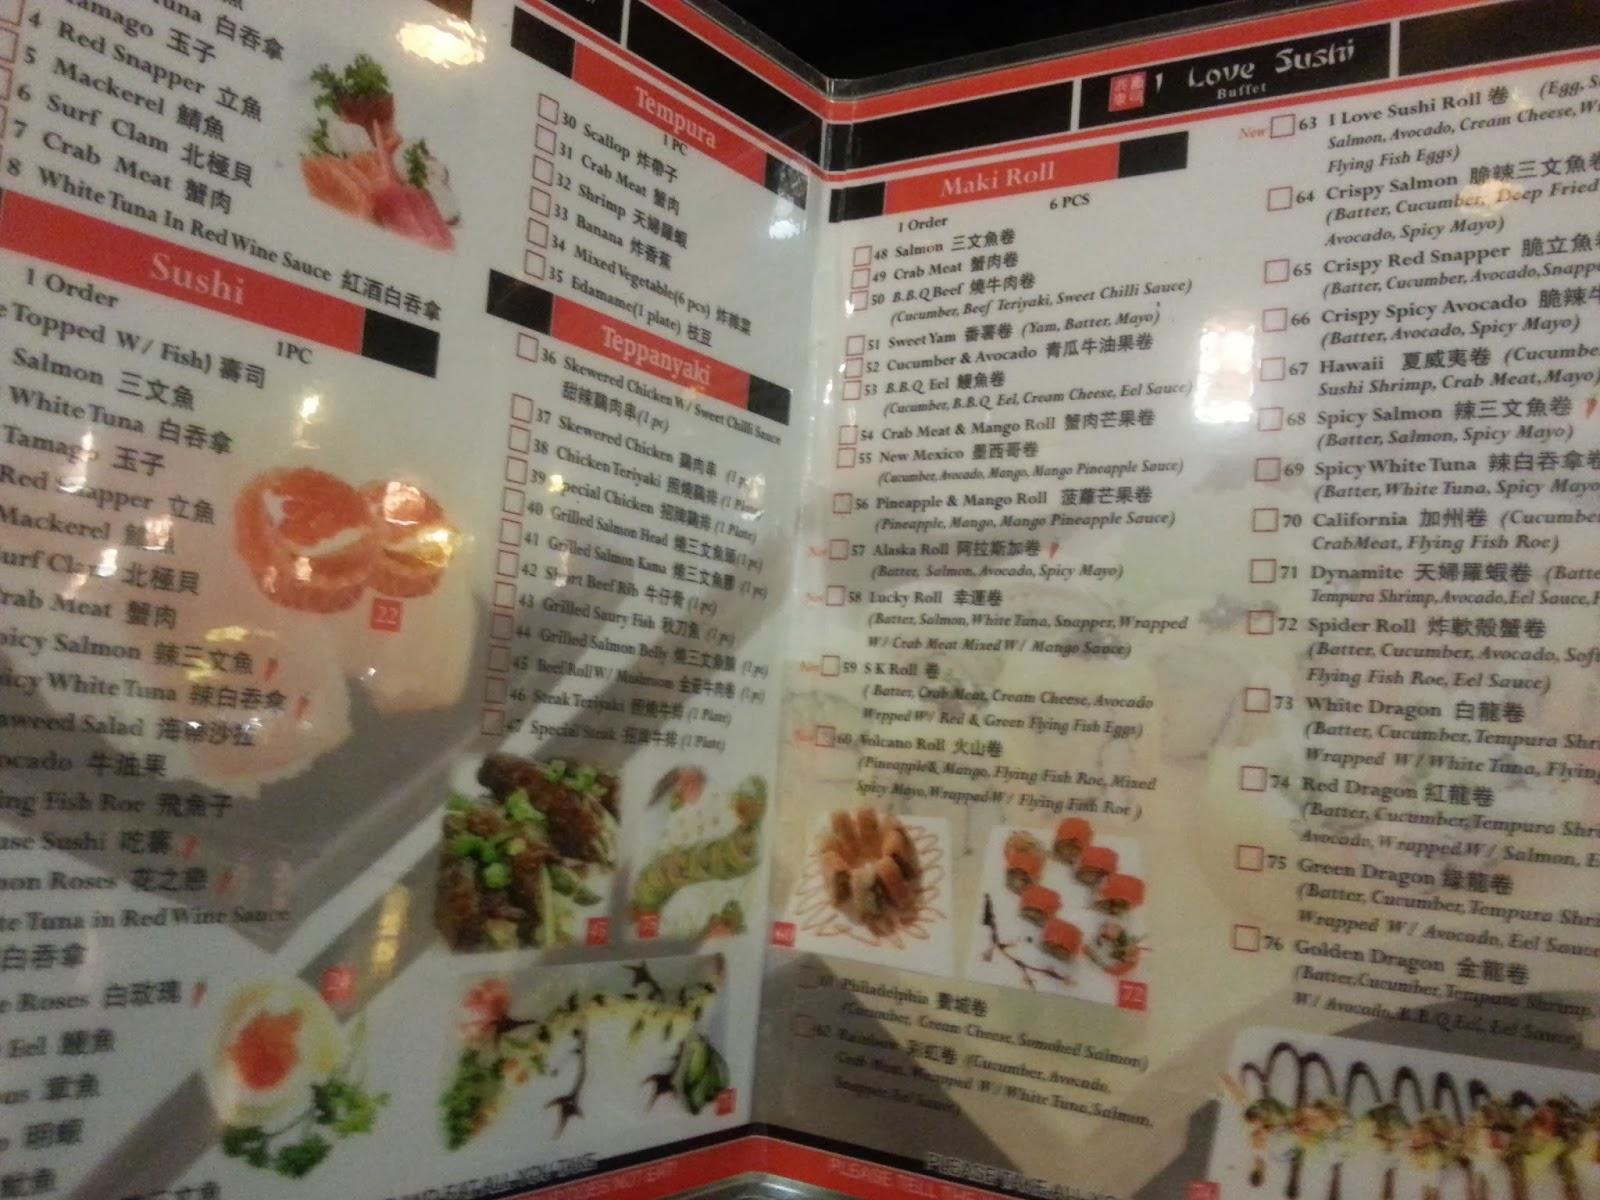 Freakzspeaks go for sushi on 8th street saskatoon for Asian cuisine saskatoon menu